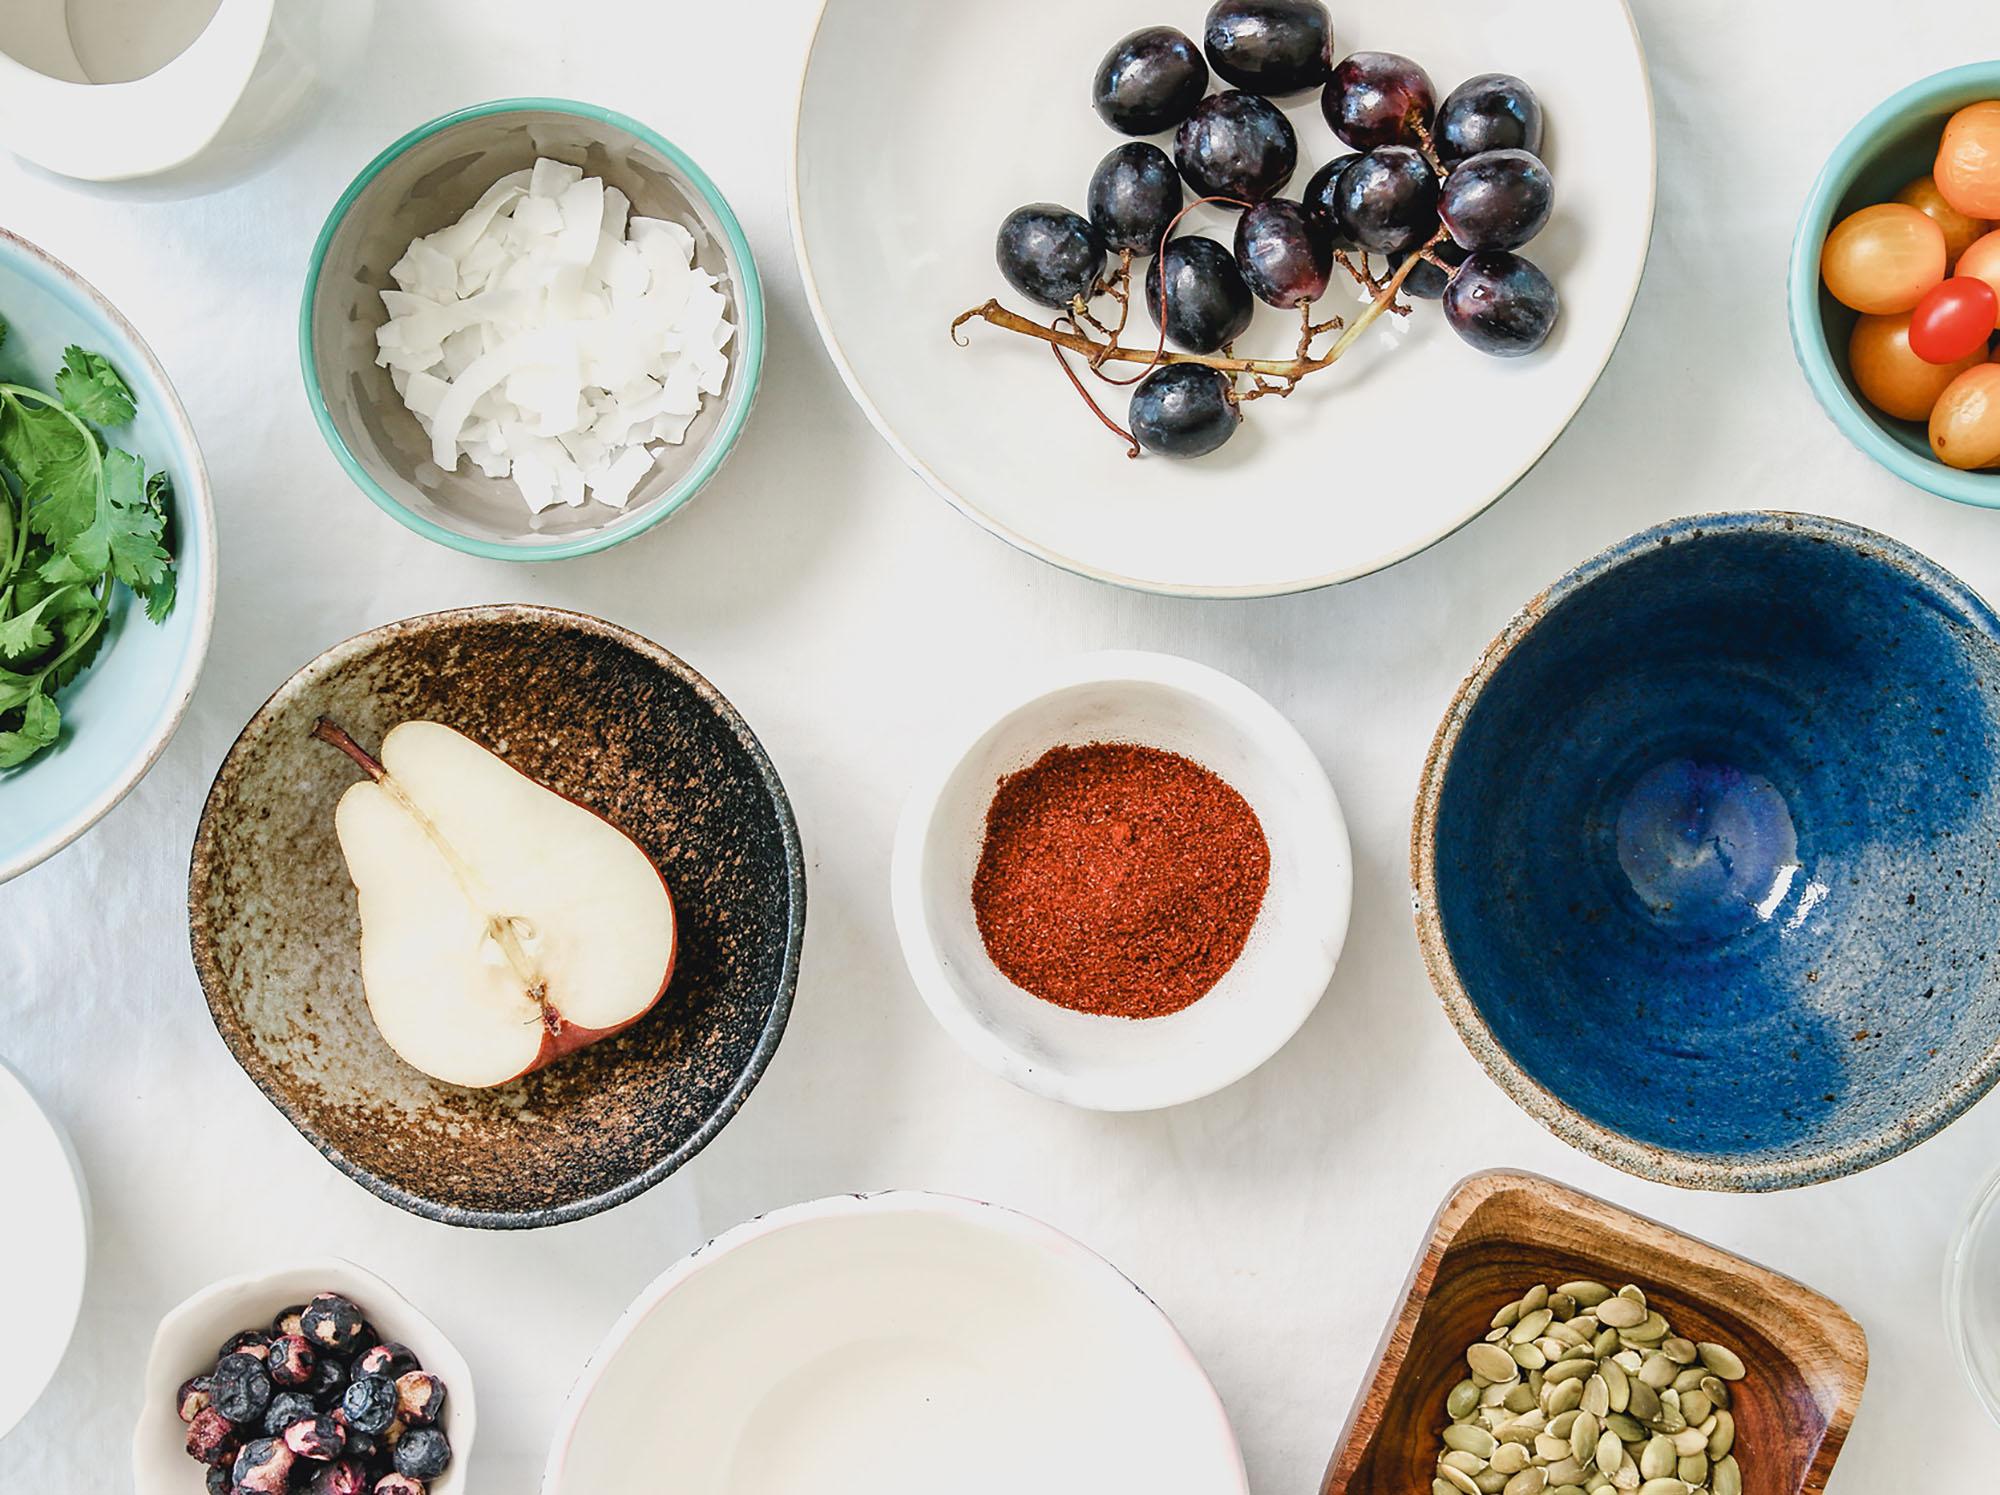 Verschiedene Schüsseln mit Obst, Gemüse, Reis und Getreide